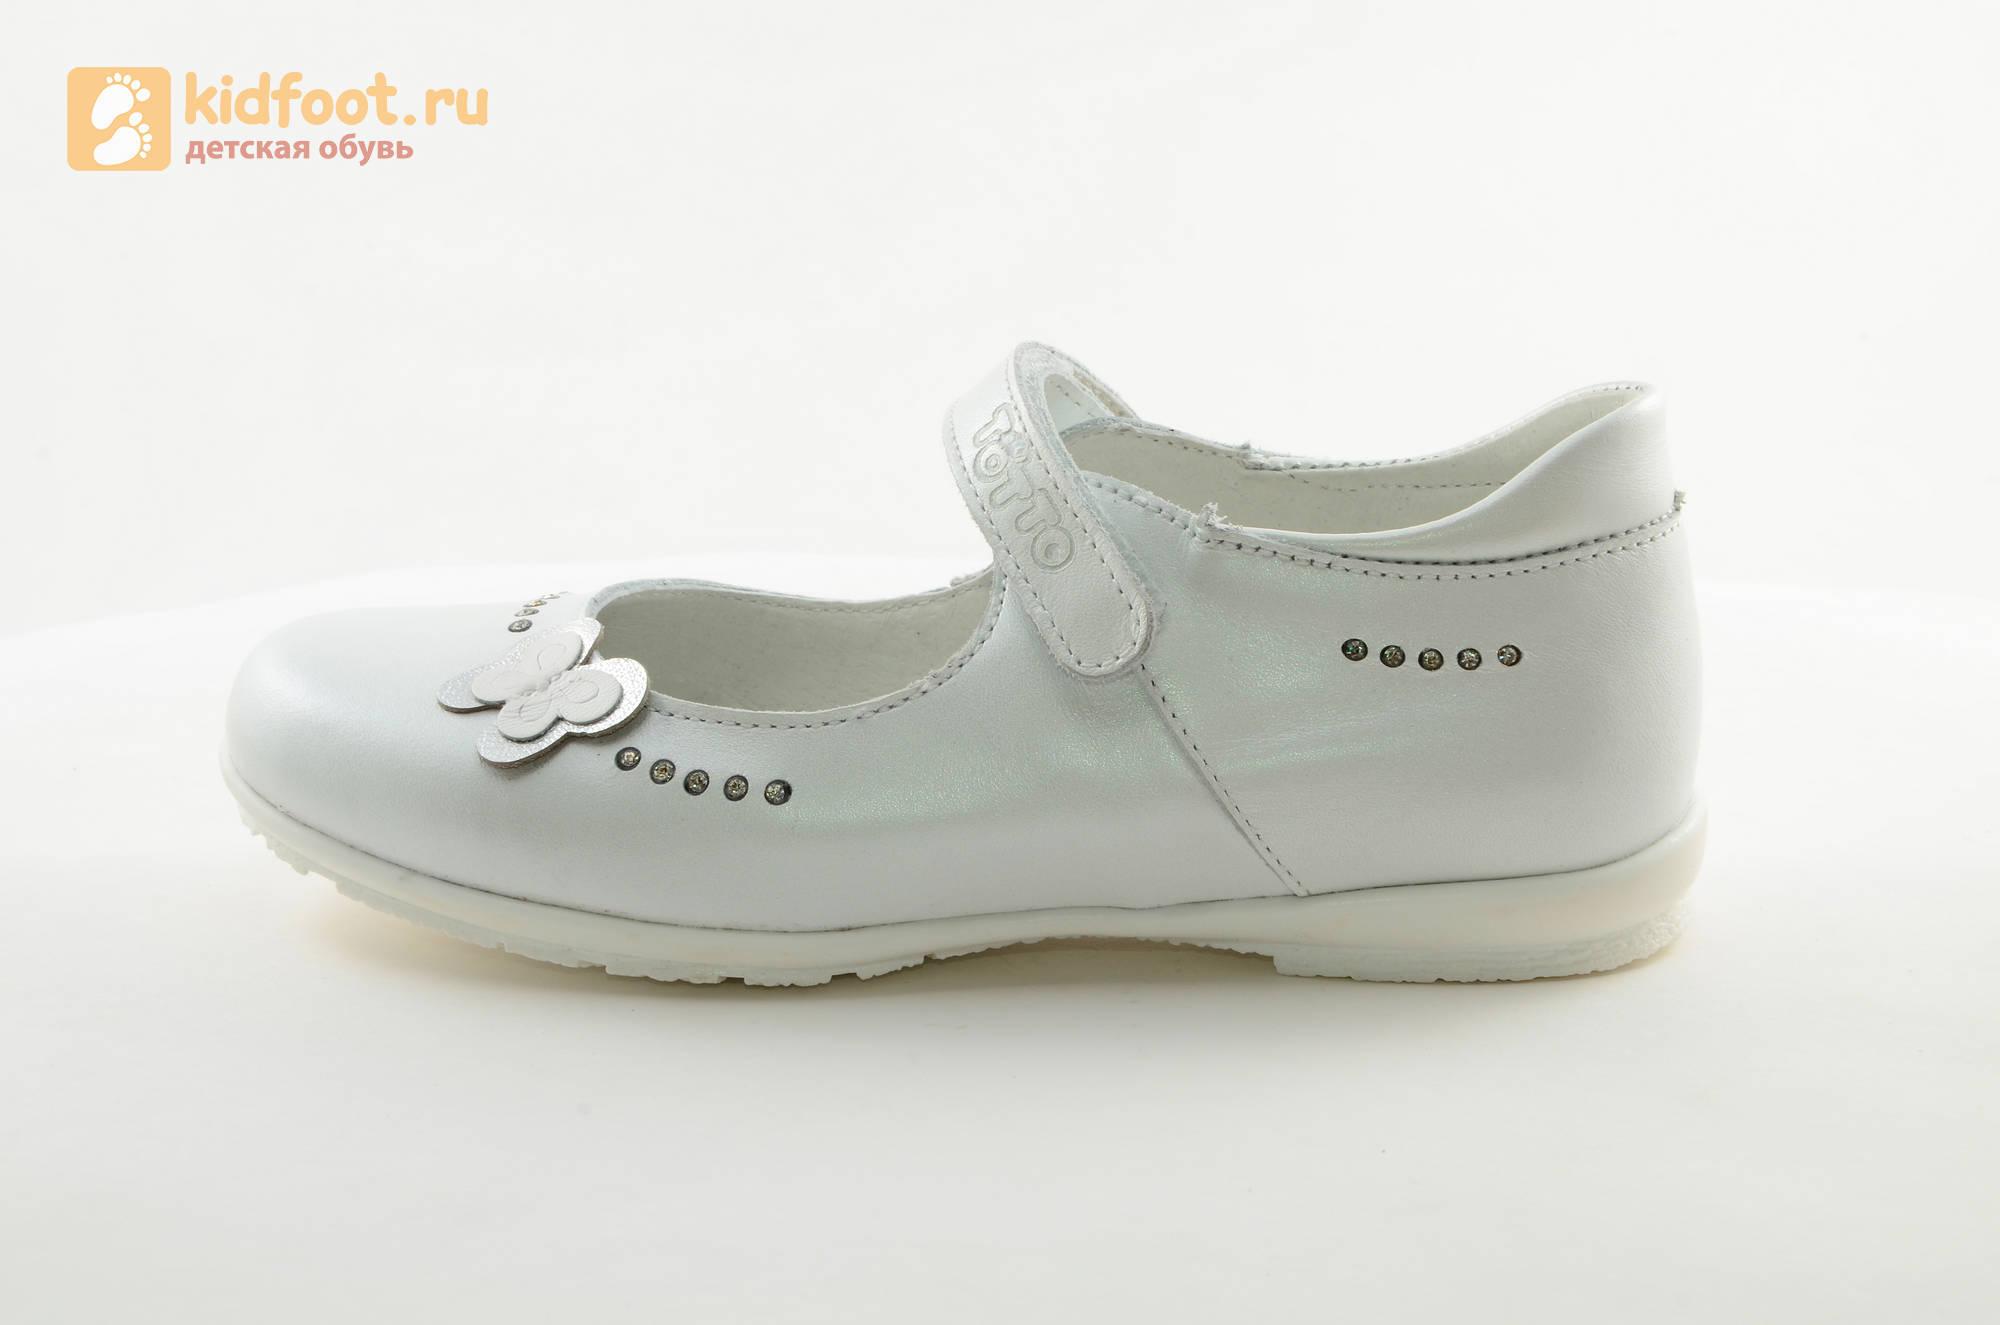 Туфли Тотто из натуральной кожи на липучке для девочек, цвет Белый, 10204D